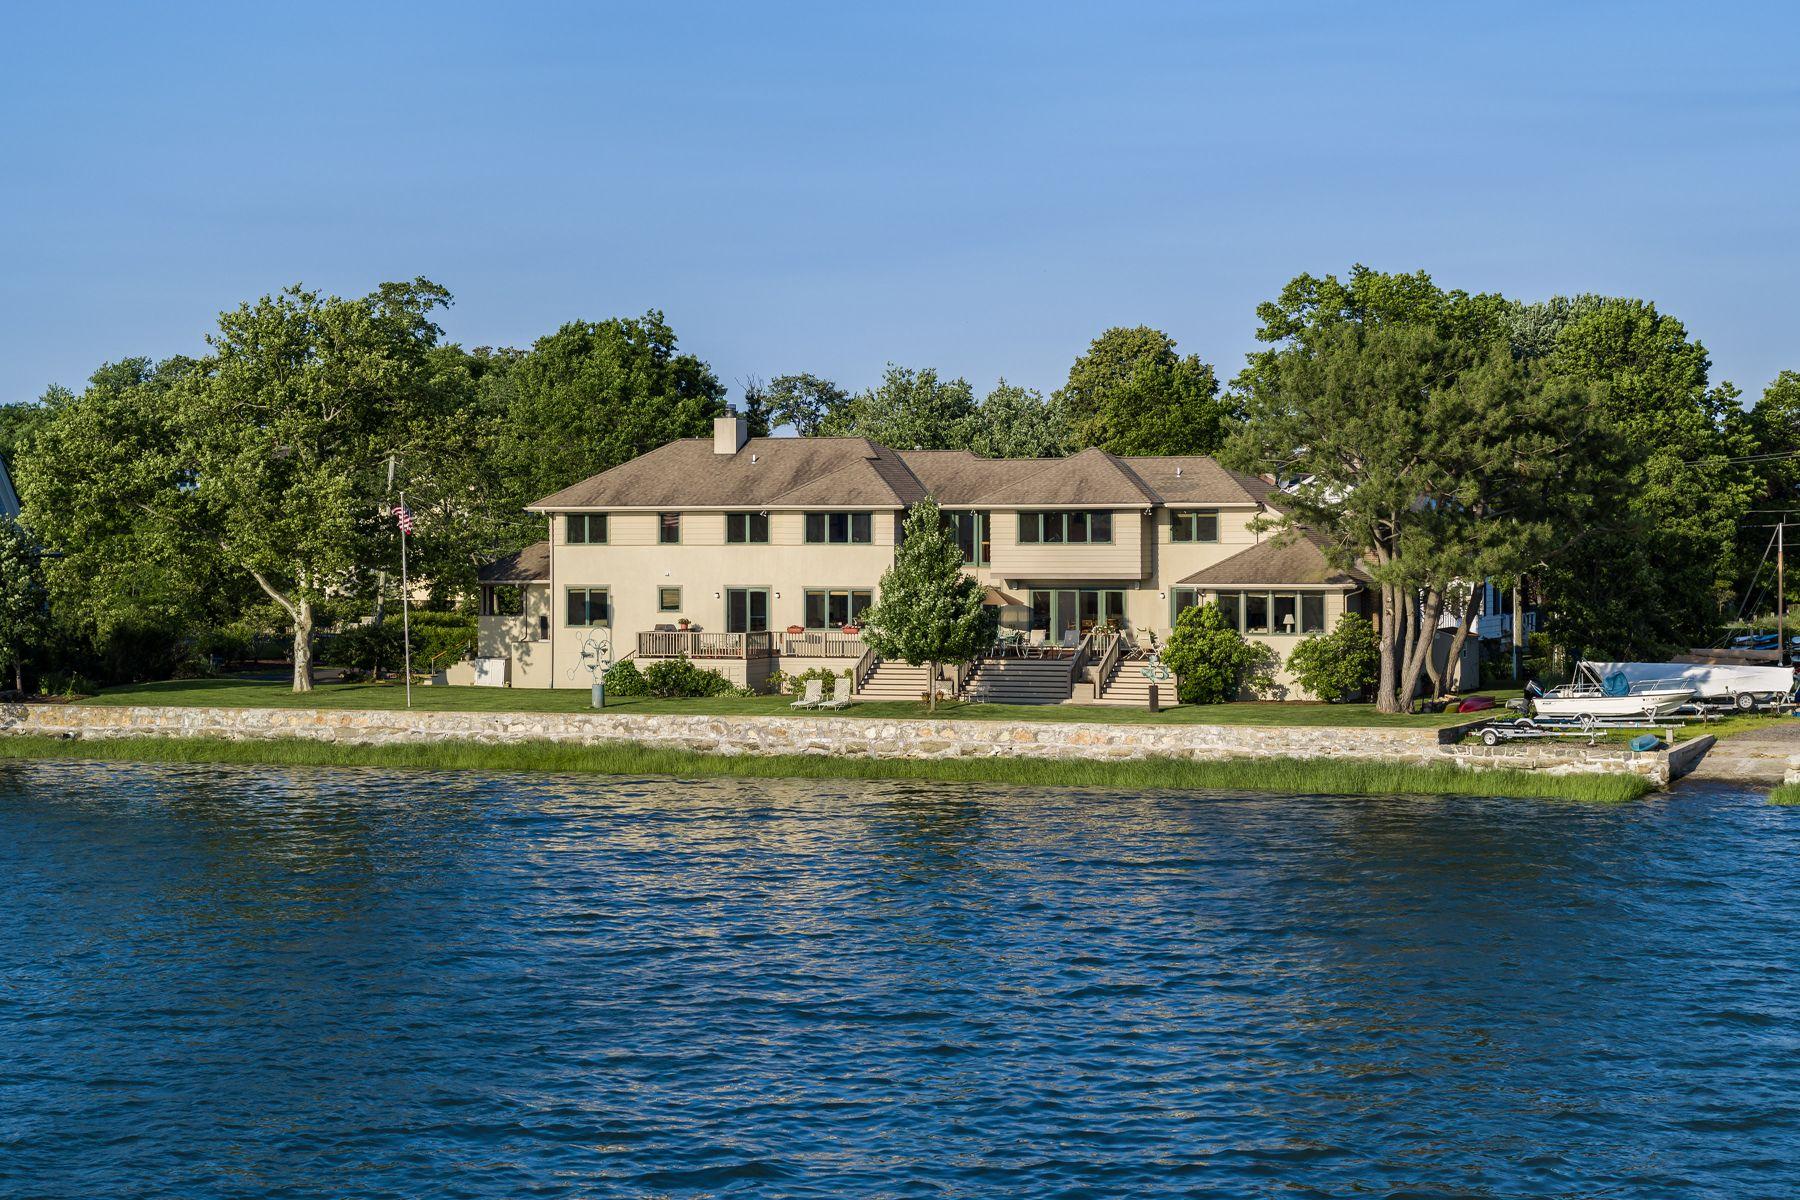 Single Family Homes для того Продажа на Old Greenwich, Коннектикут 06870 Соединенные Штаты